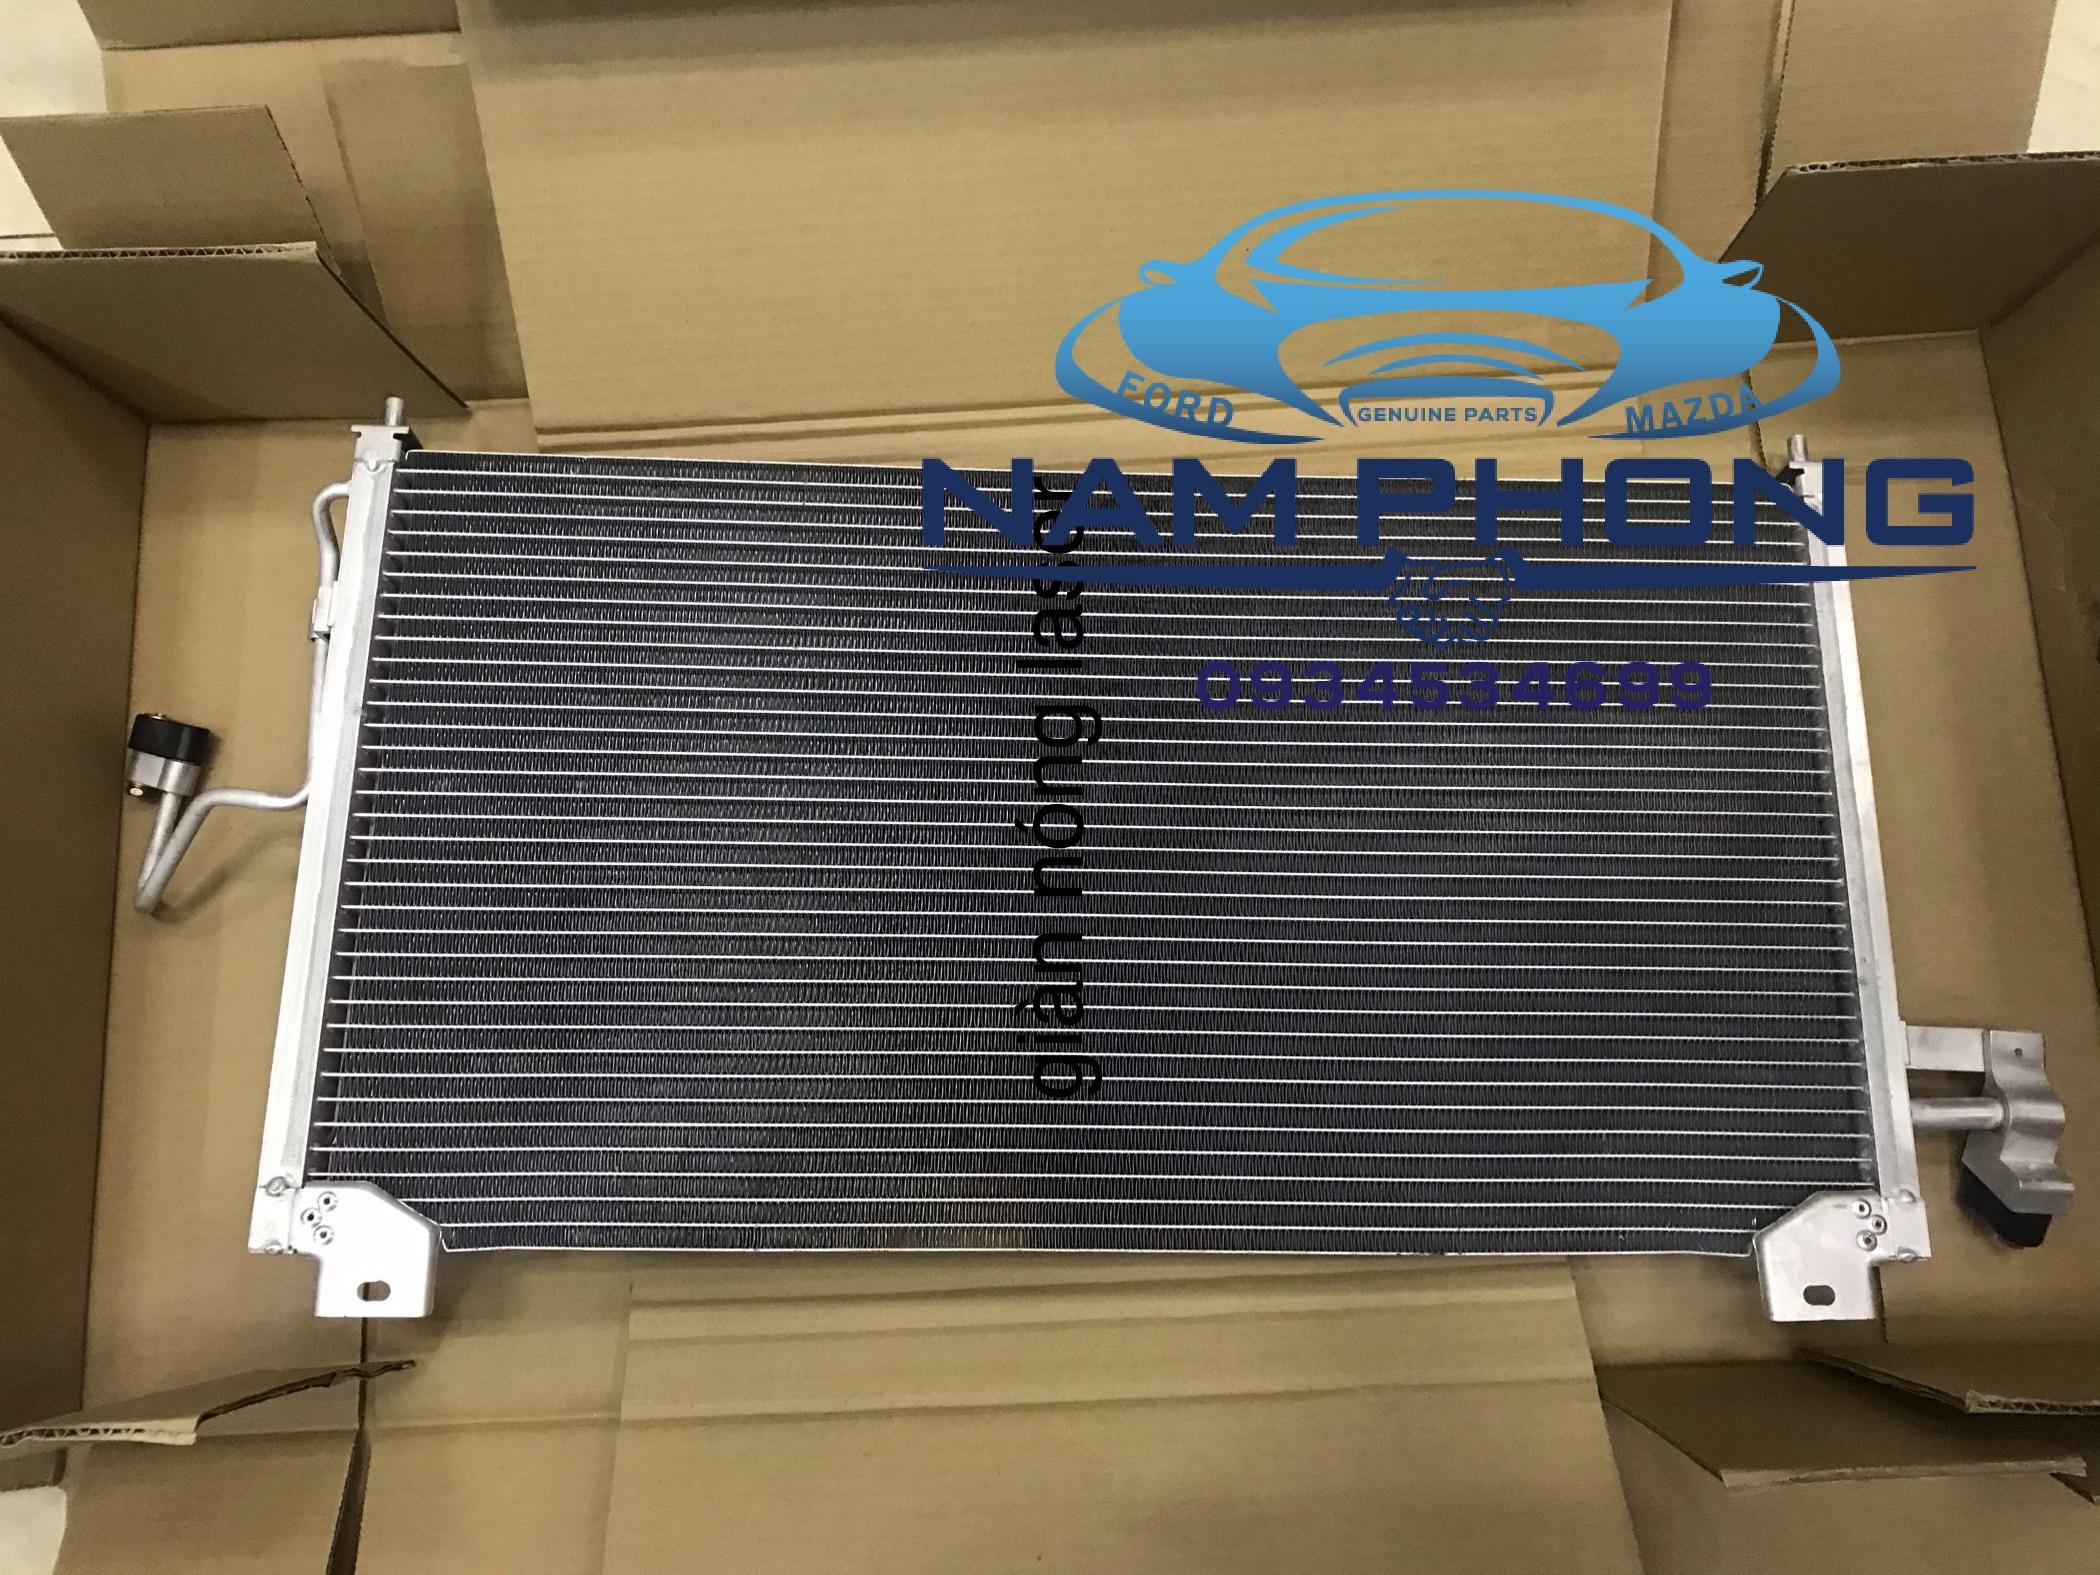 Giàn nóng Laser - B25P61480B , Sử dụng cho các dòng xe Ford  Laser TỪ ĐỜI  2001 –  2005 , CONDENSER